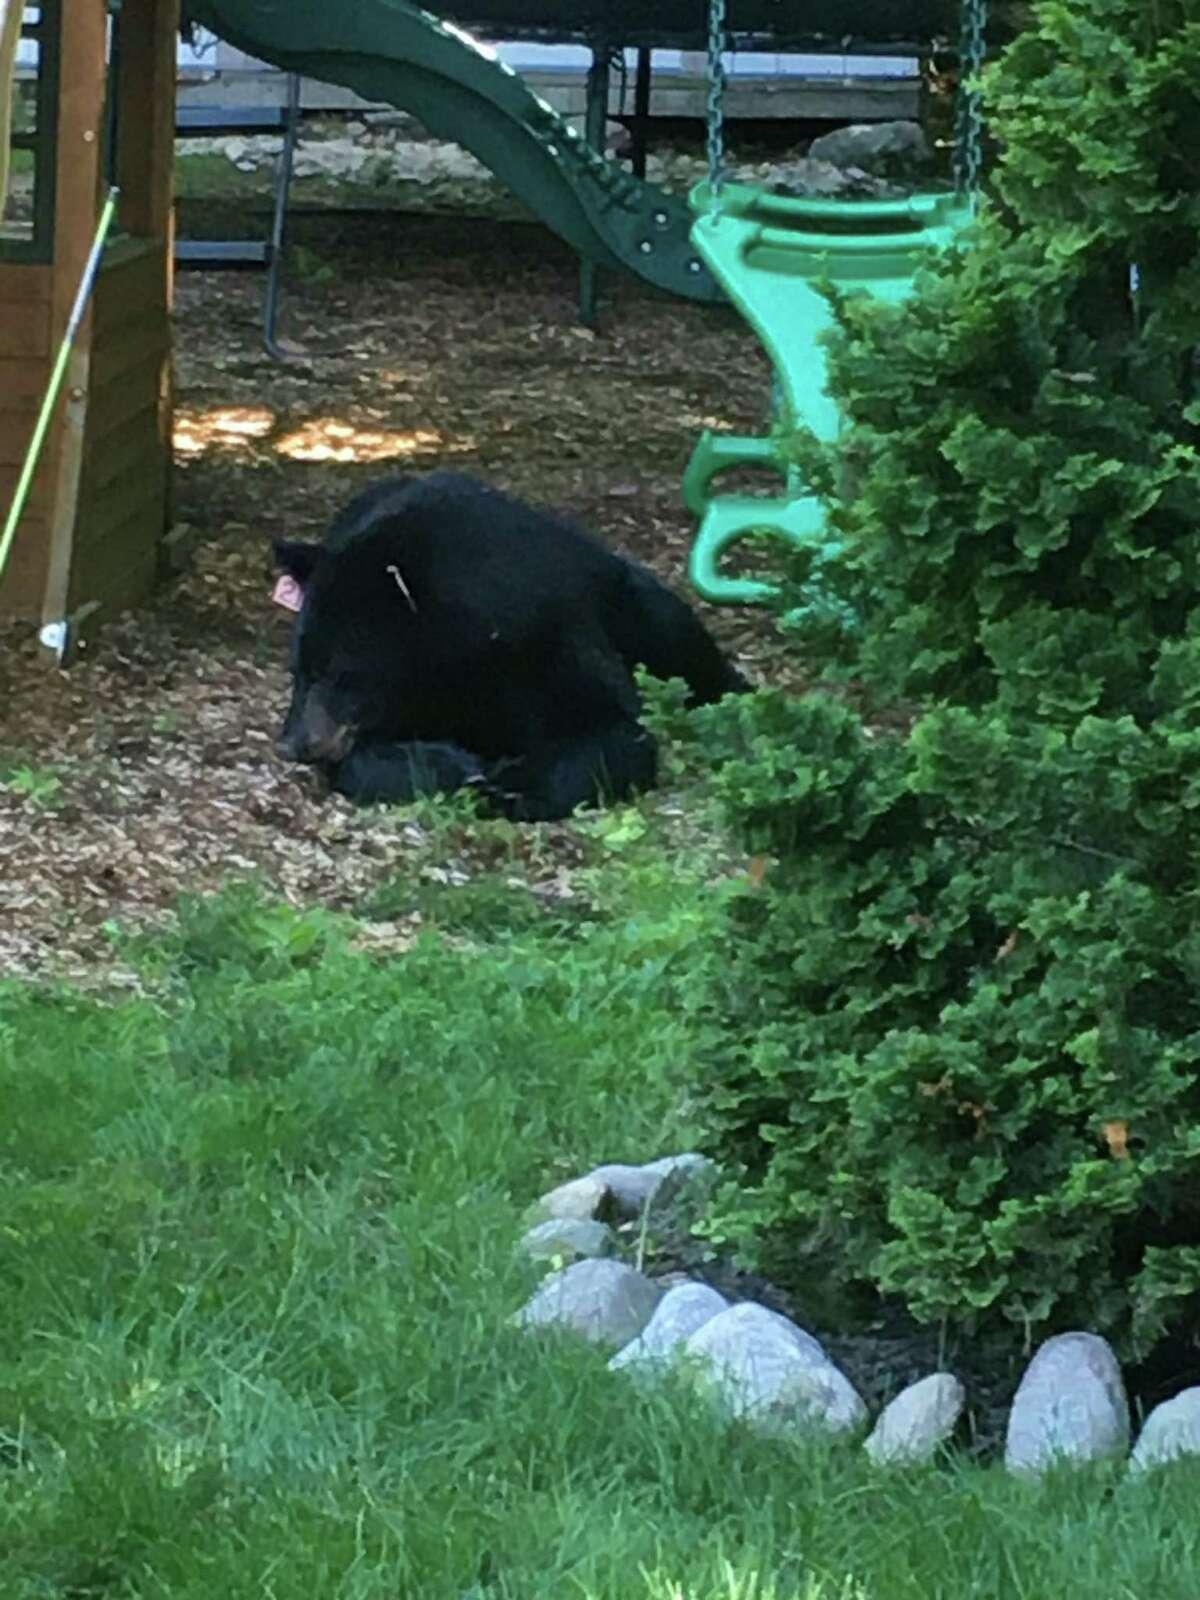 A bear in Westport.